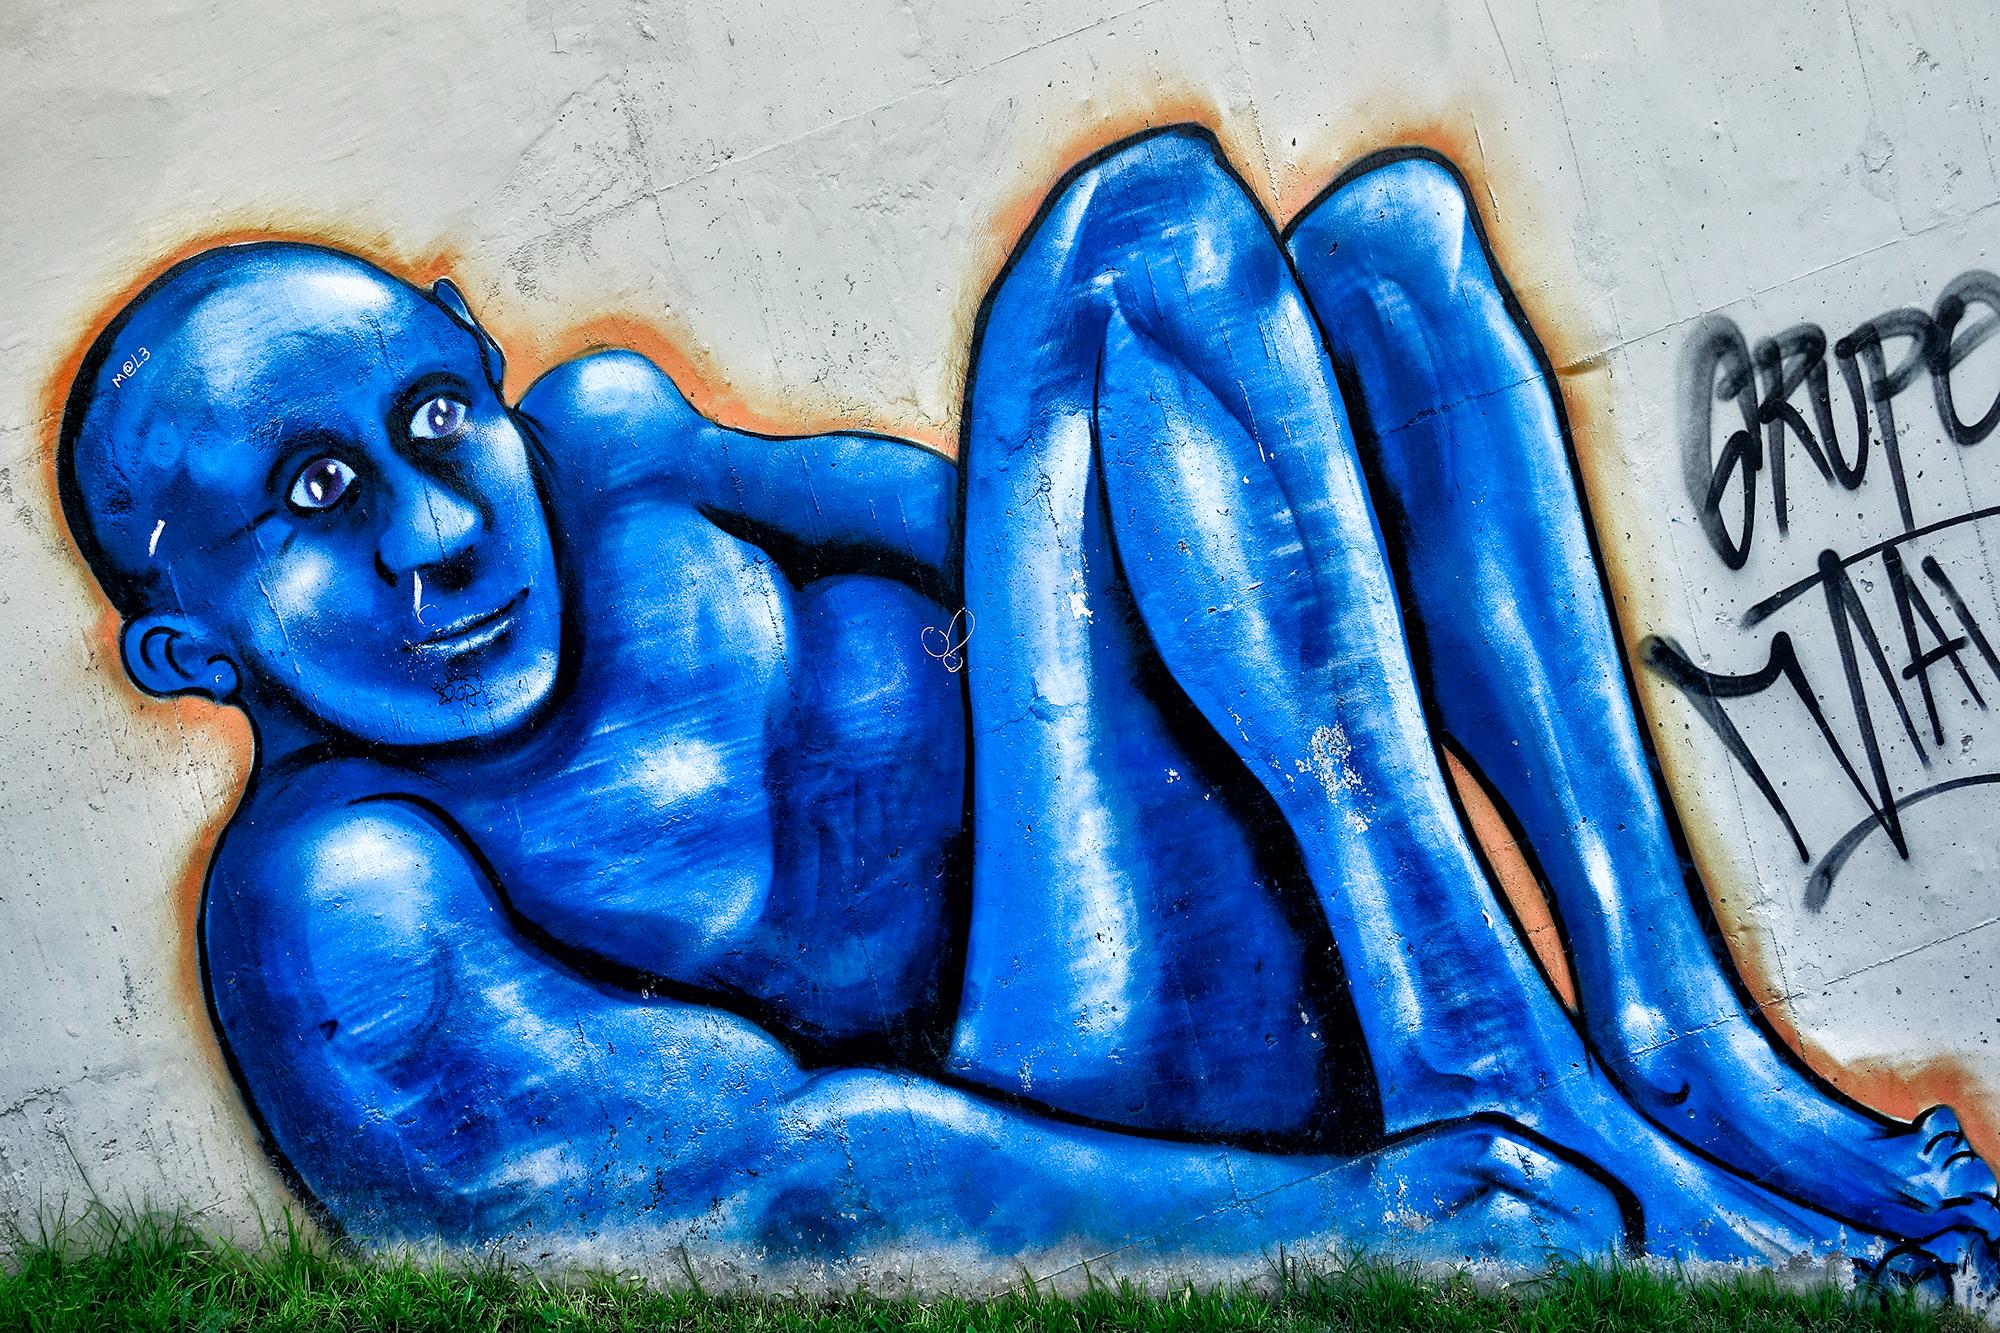 El Hombre Azul, Parque Central. Mendoza, Argentina, 2016